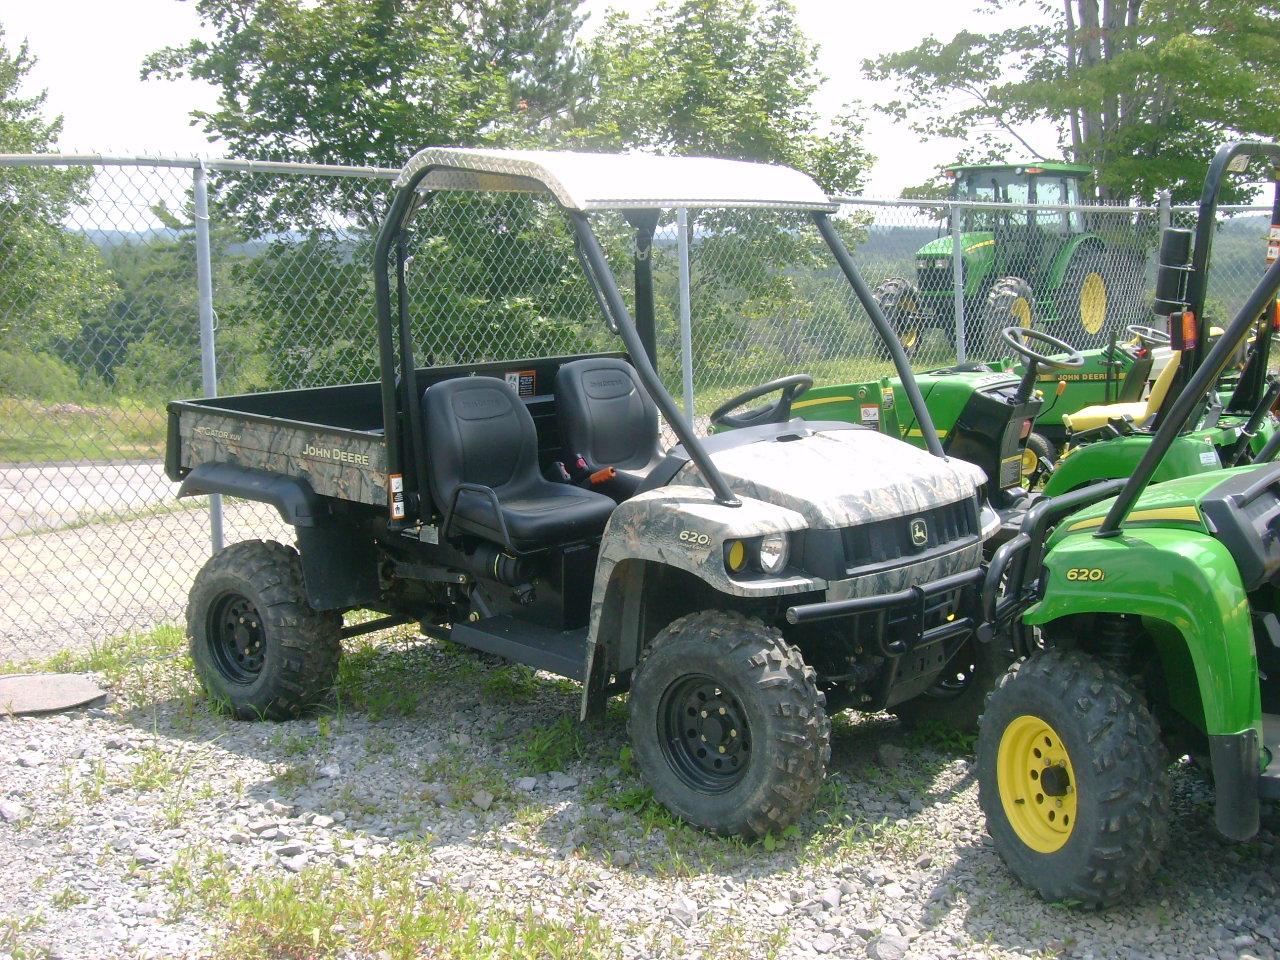 Il John Deere Gator Tx Utv Outpost Utv Side By Side